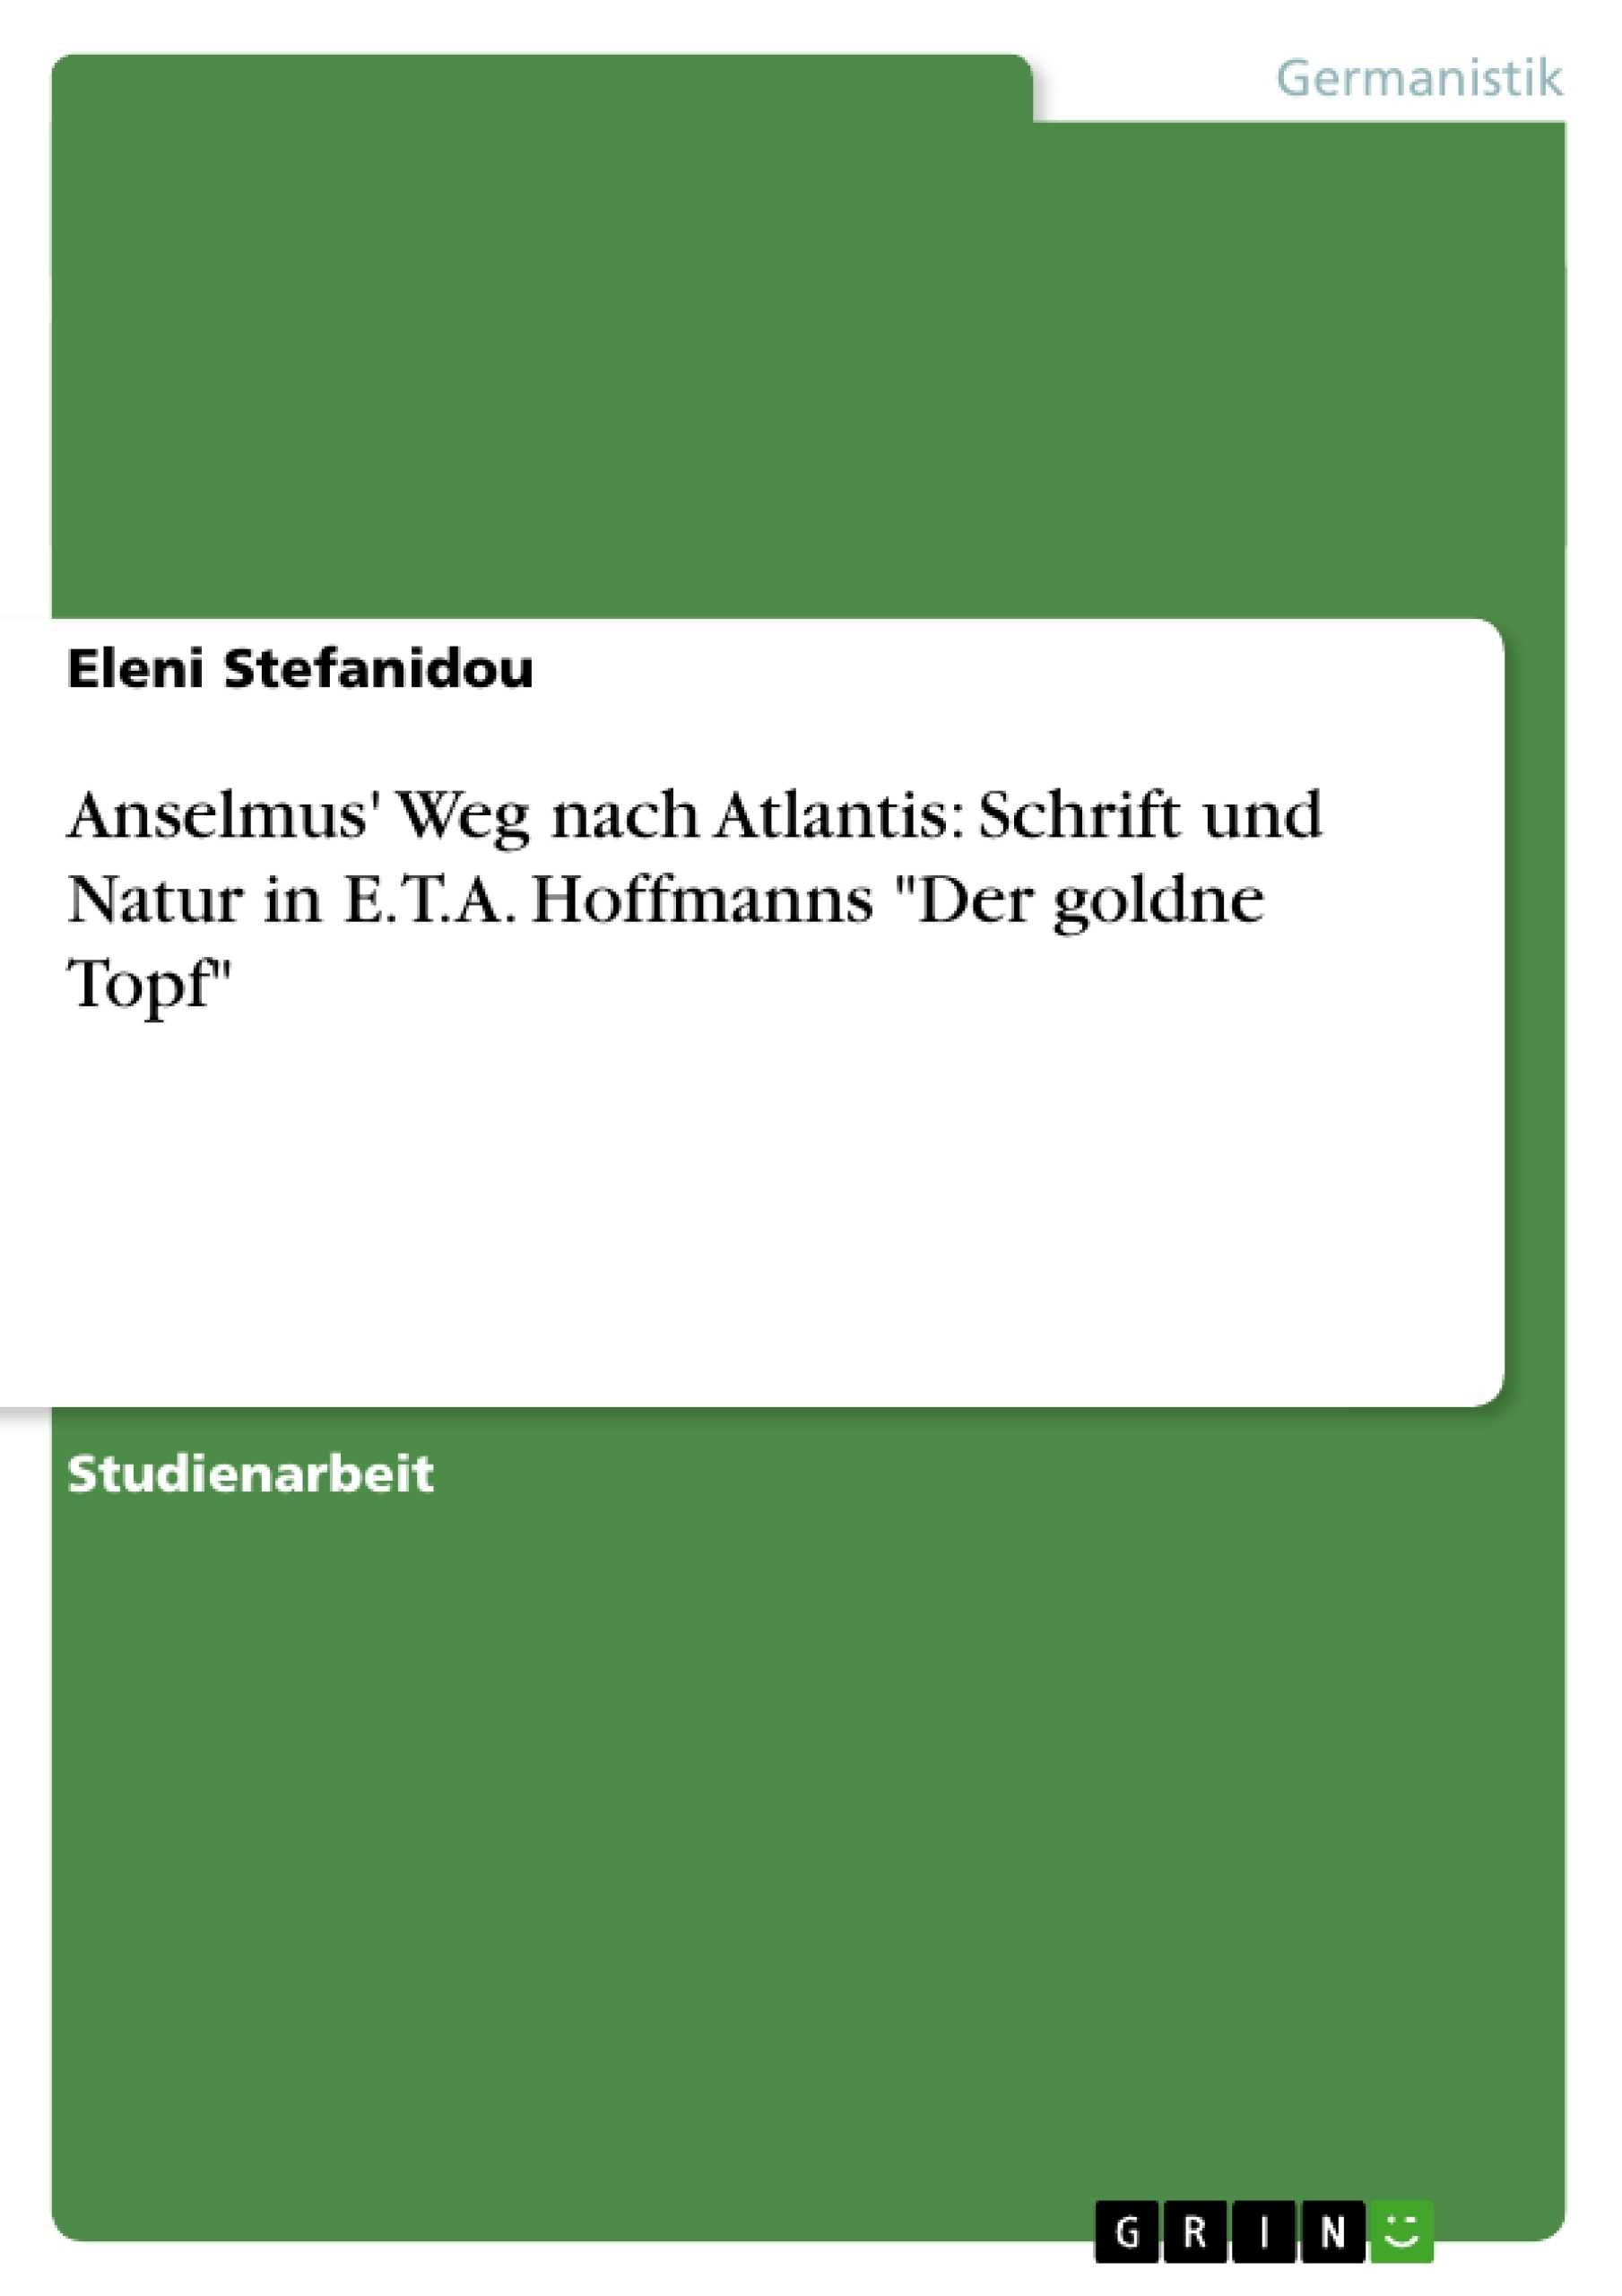 """Titel: Anselmus' Weg nach Atlantis: Schrift und Natur in E.T.A. Hoffmanns """"Der goldne Topf"""""""